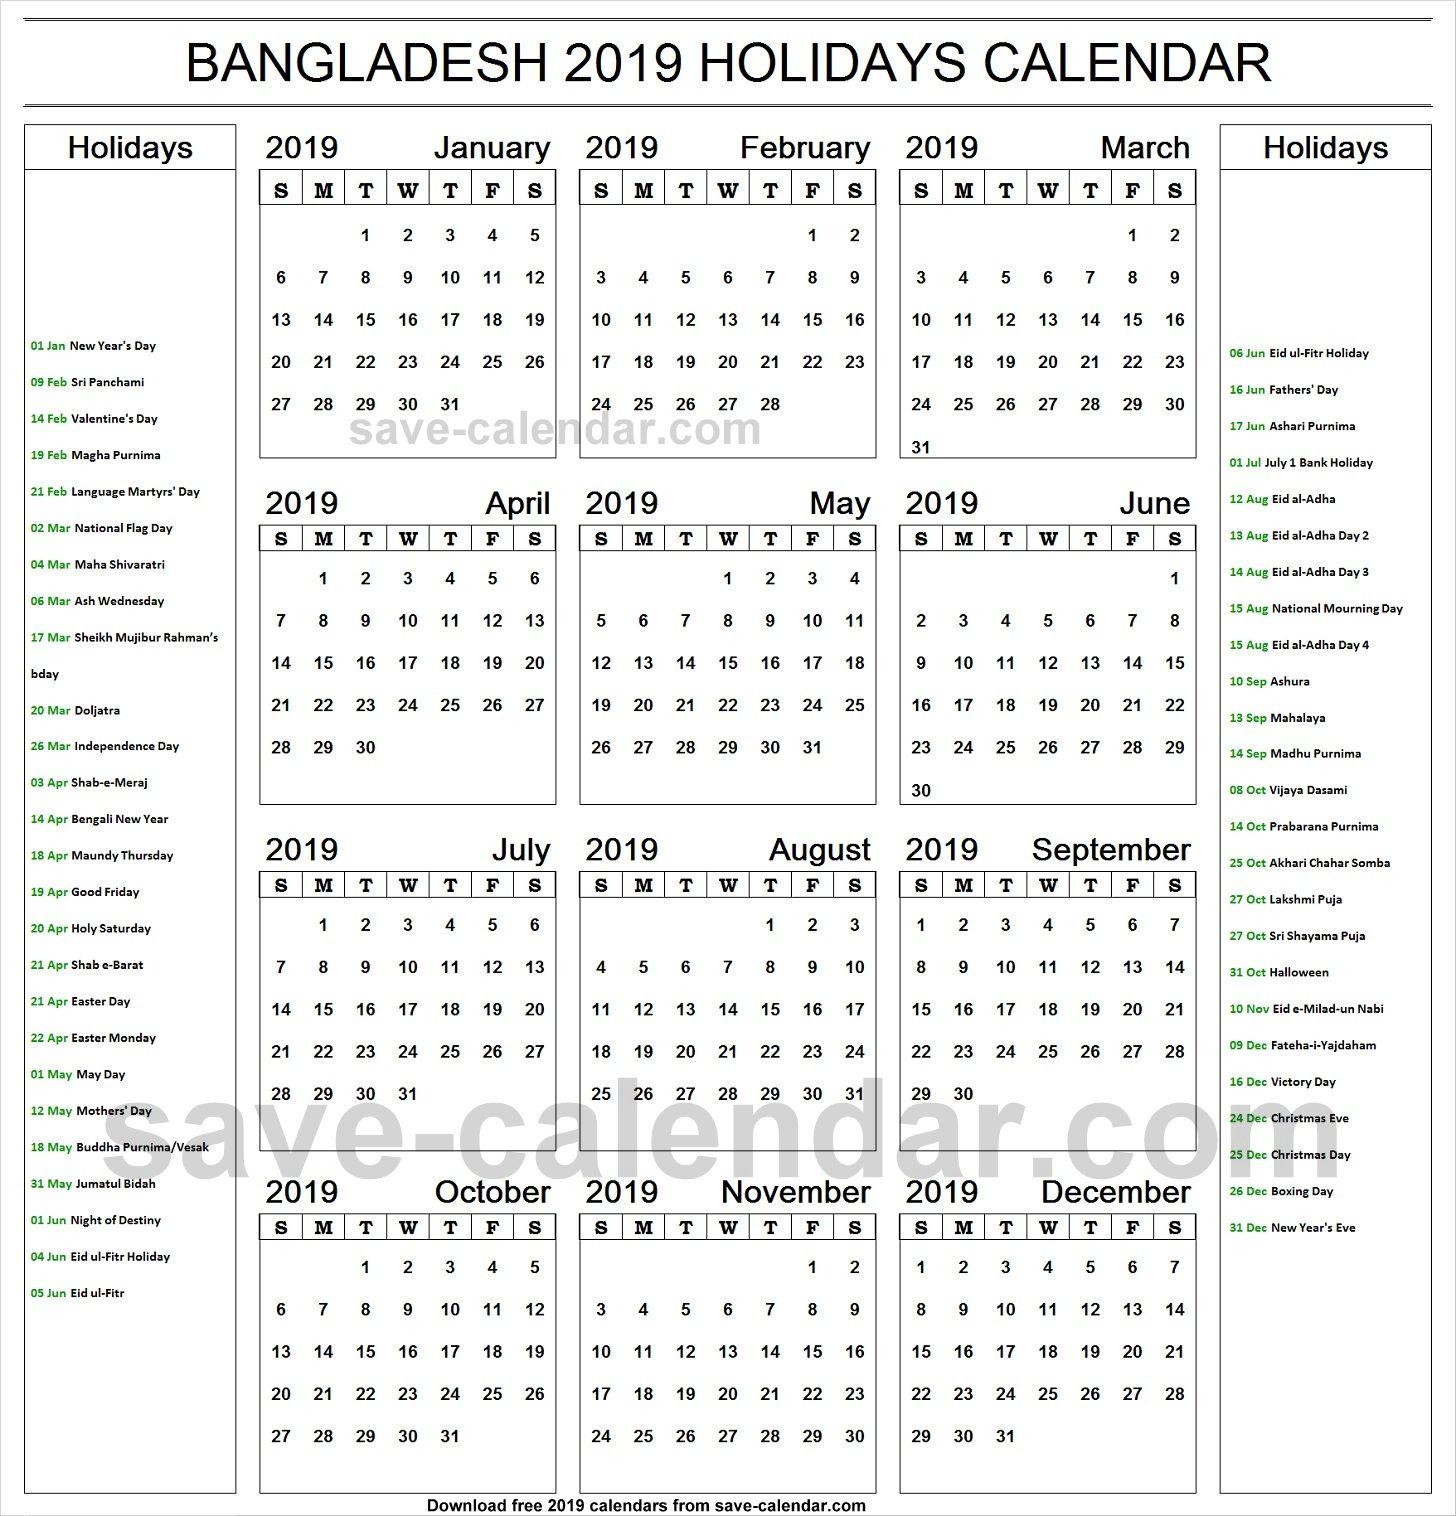 2019 Calendar Holidays Bangladesh Printable | 2019 Calendar